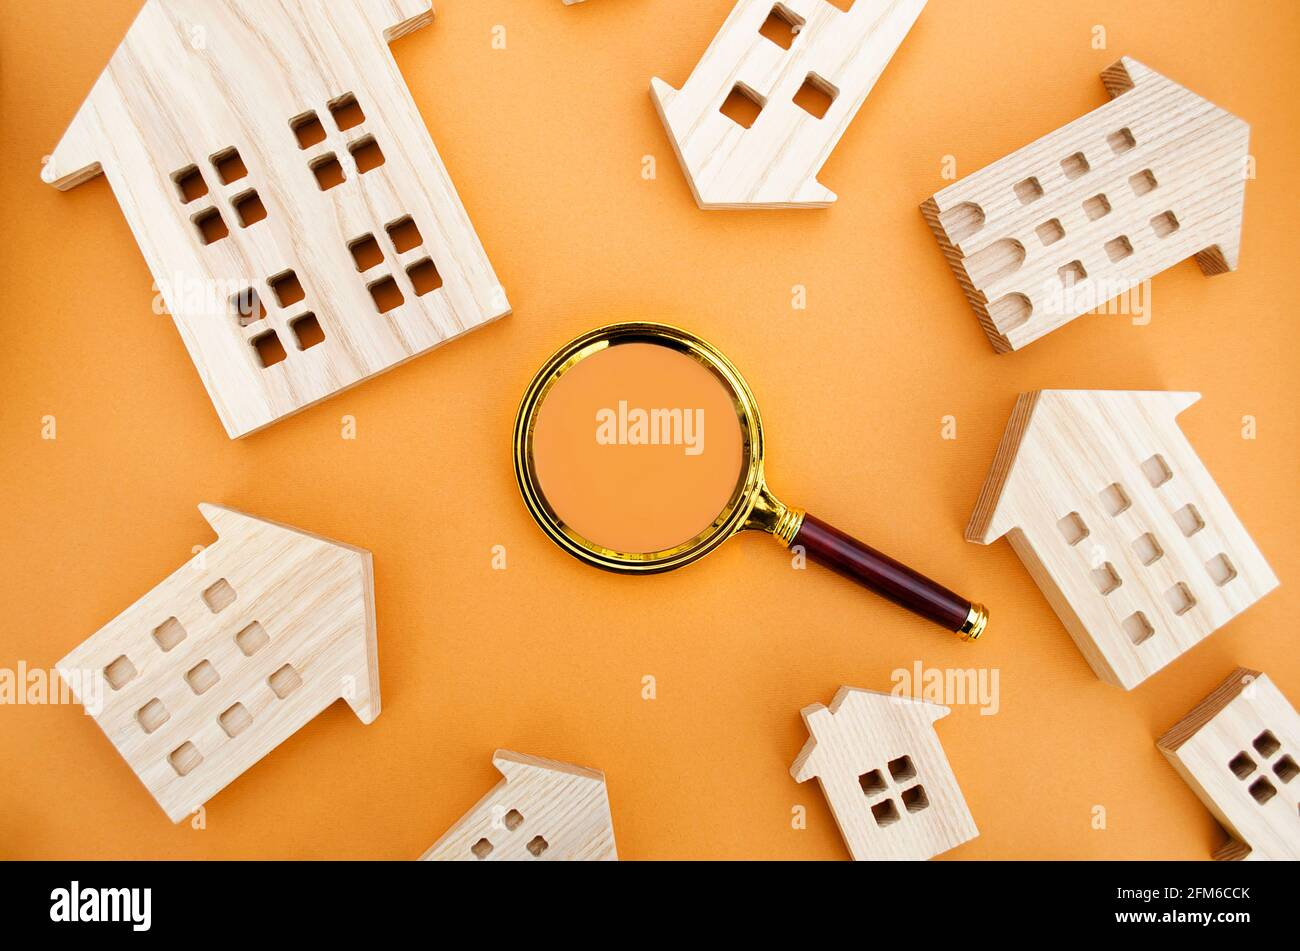 Loupe et maisons en bois. Recherche maison concept. Accueil de l'instruction. Évaluation des biens immobiliers. Choix de l'emplacement pour la construction. Vous pouvez chercher h Banque D'Images